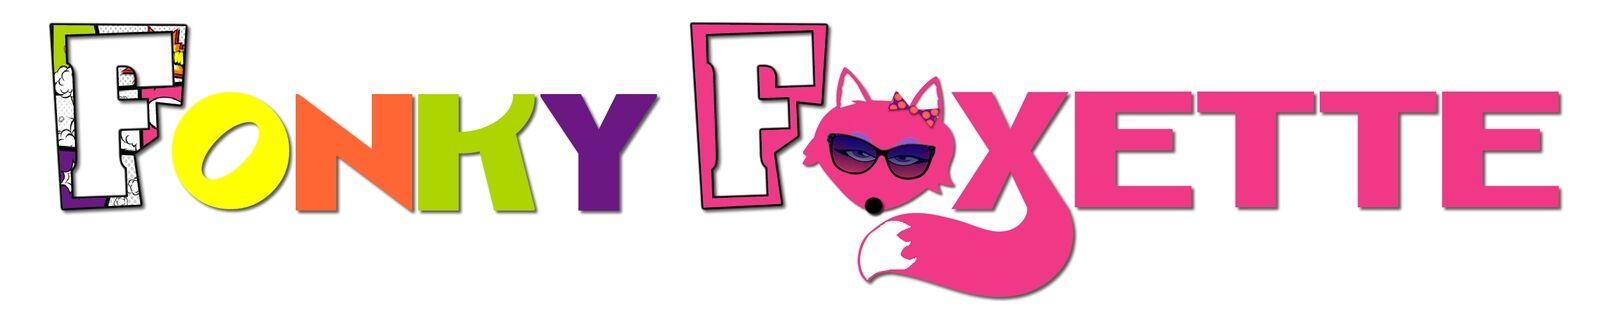 Fonky Foxette